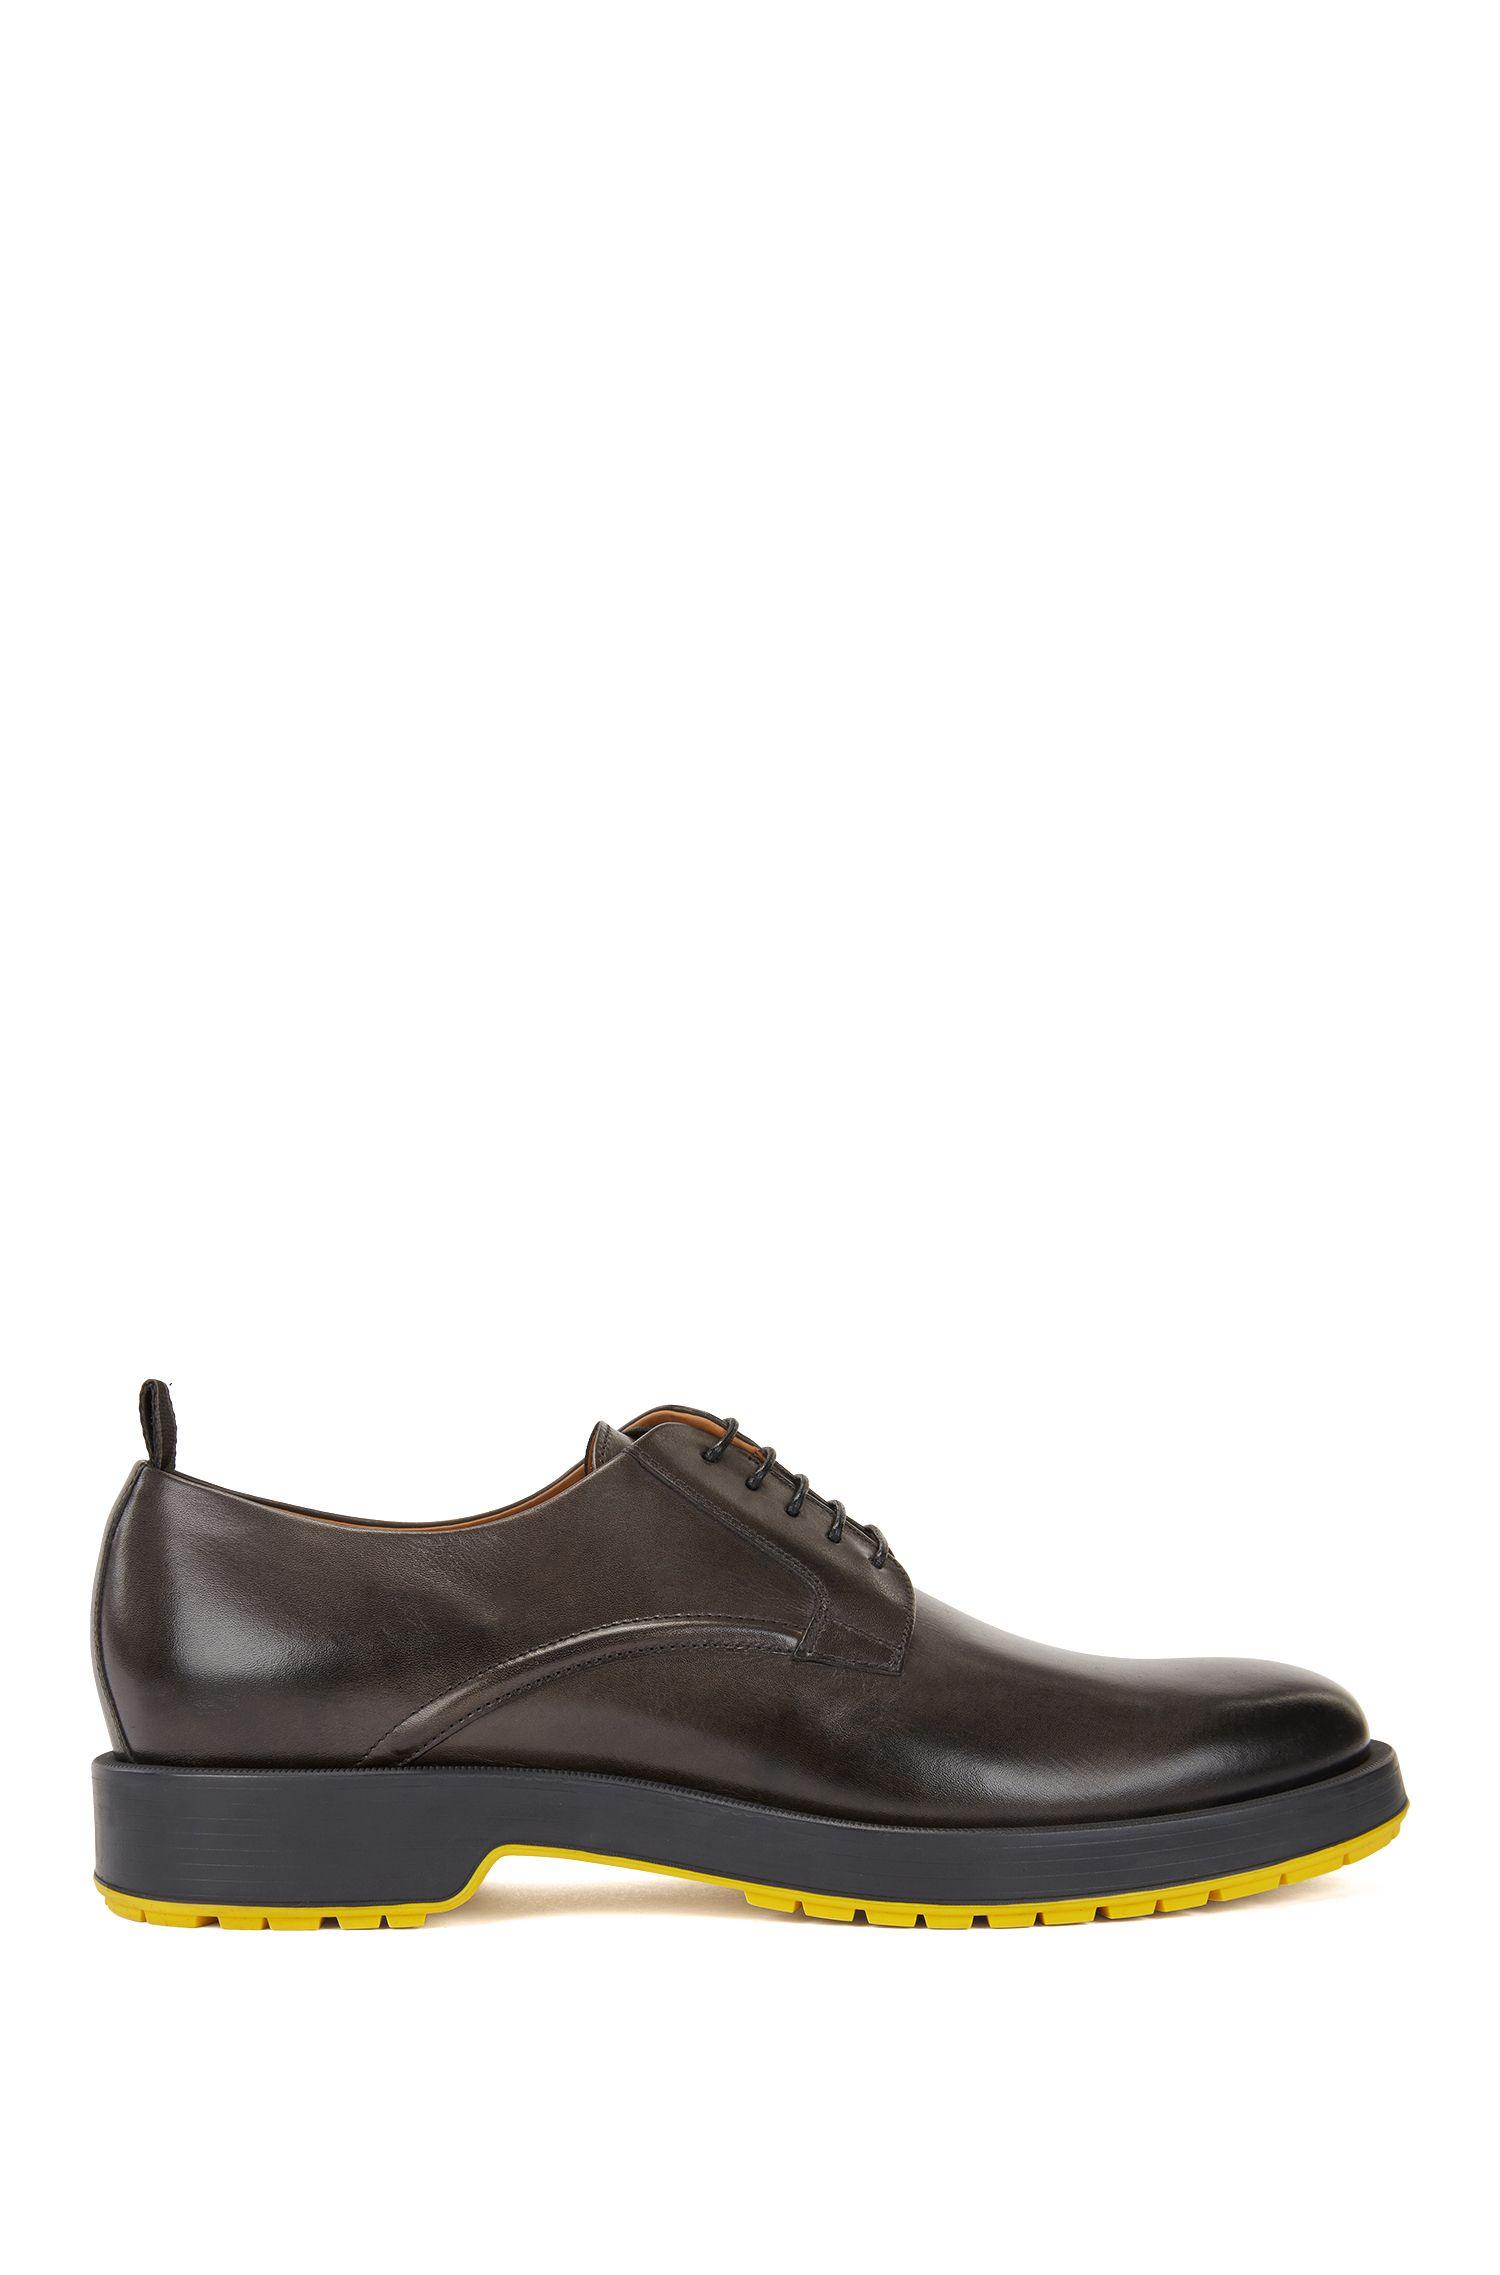 Chaussures derby en cuir de veau poli, avec semelle crantée, Gris sombre